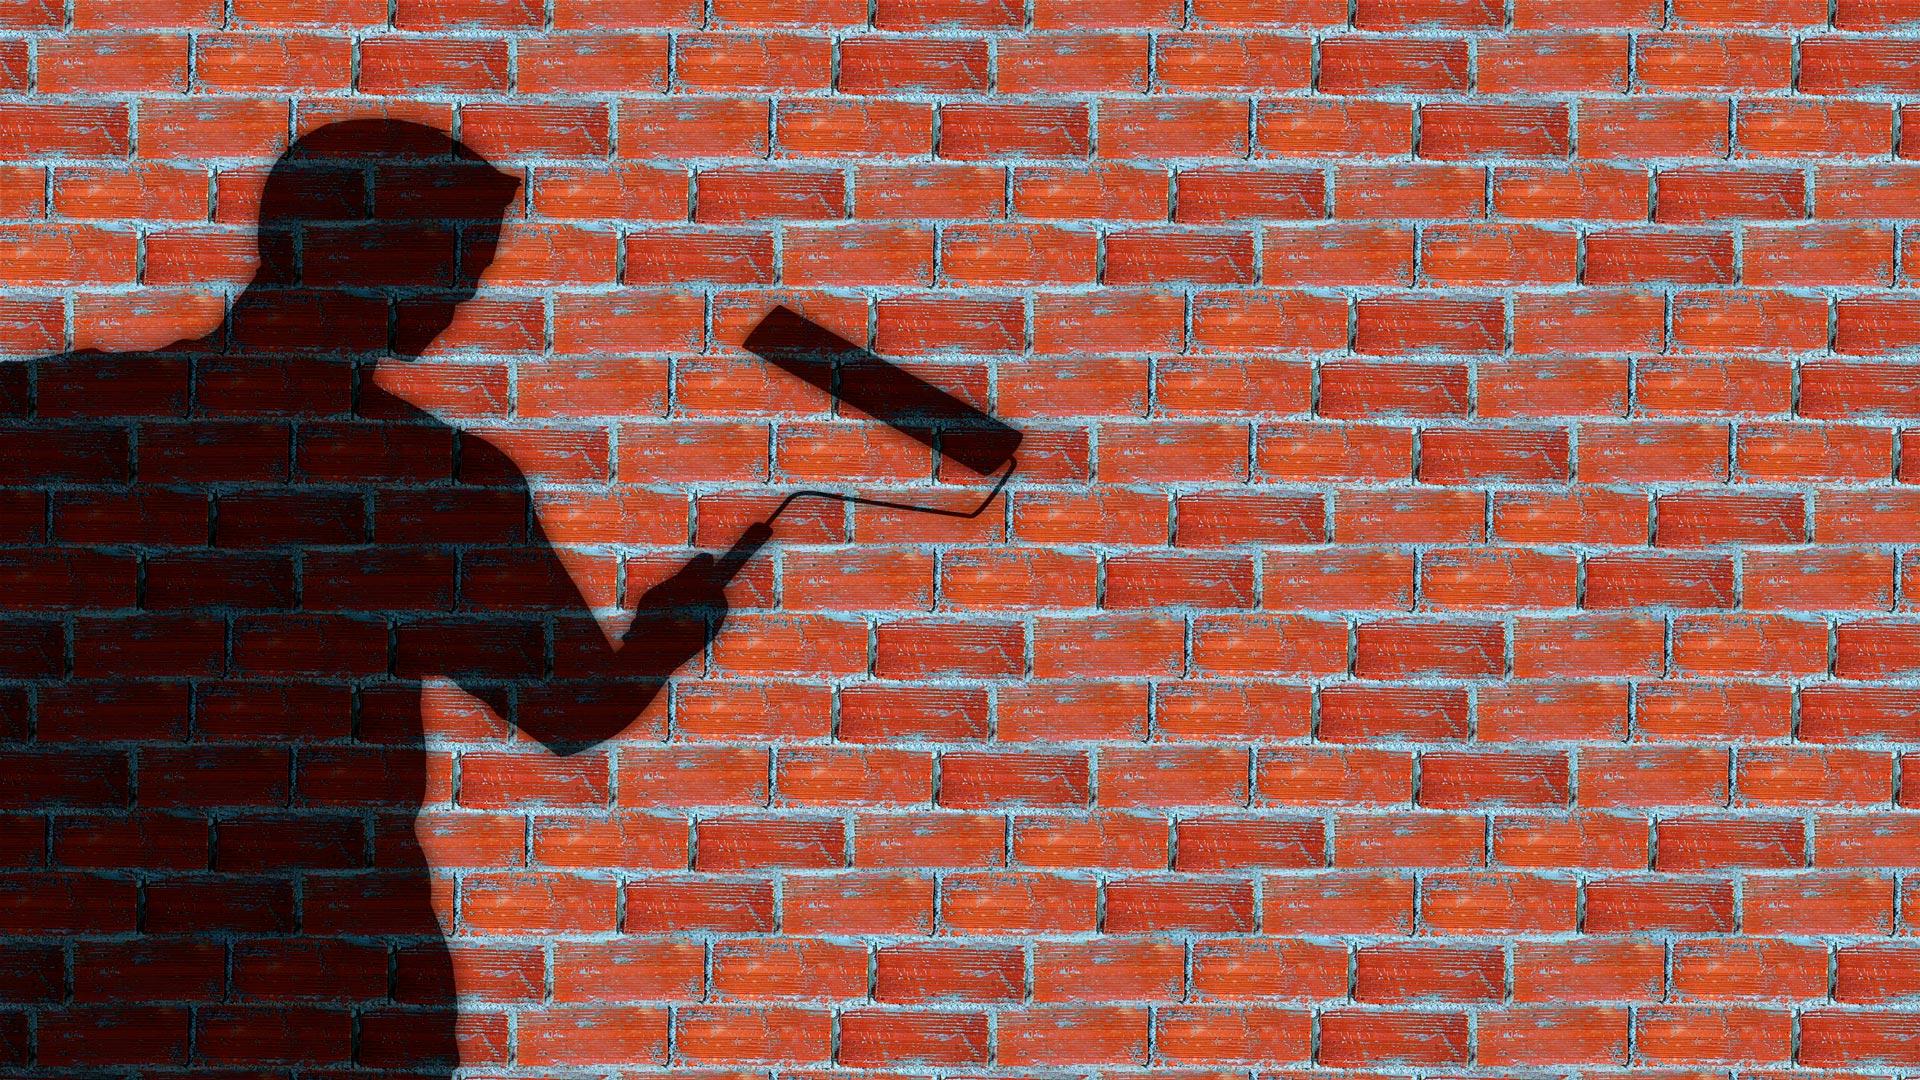 Unos consejos para pintar la fachada de una casa - Consejos para pintar mi casa ...